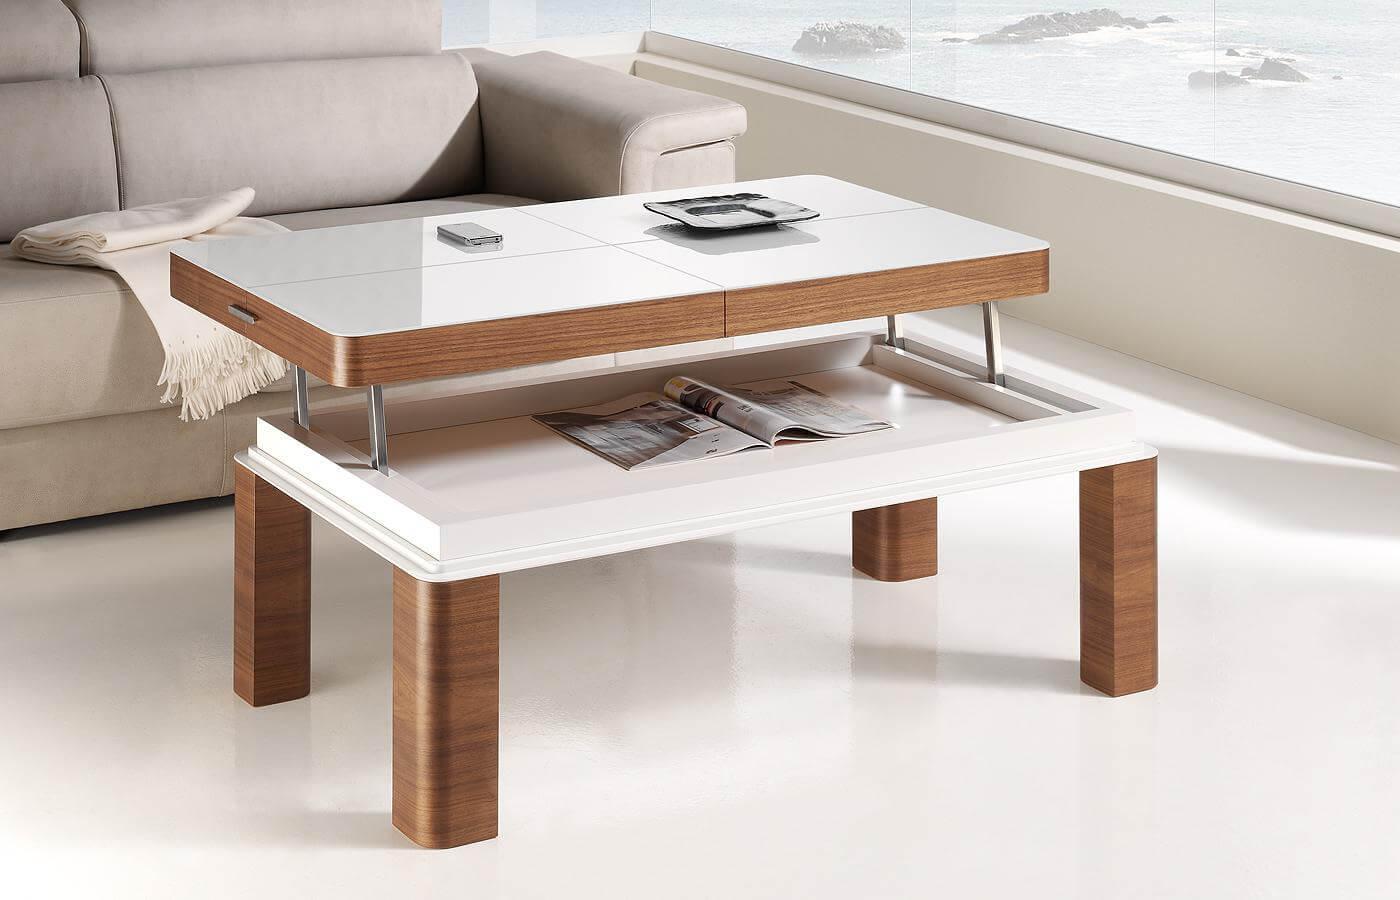 podyomnyj-zhurnalnyj-stol (33)